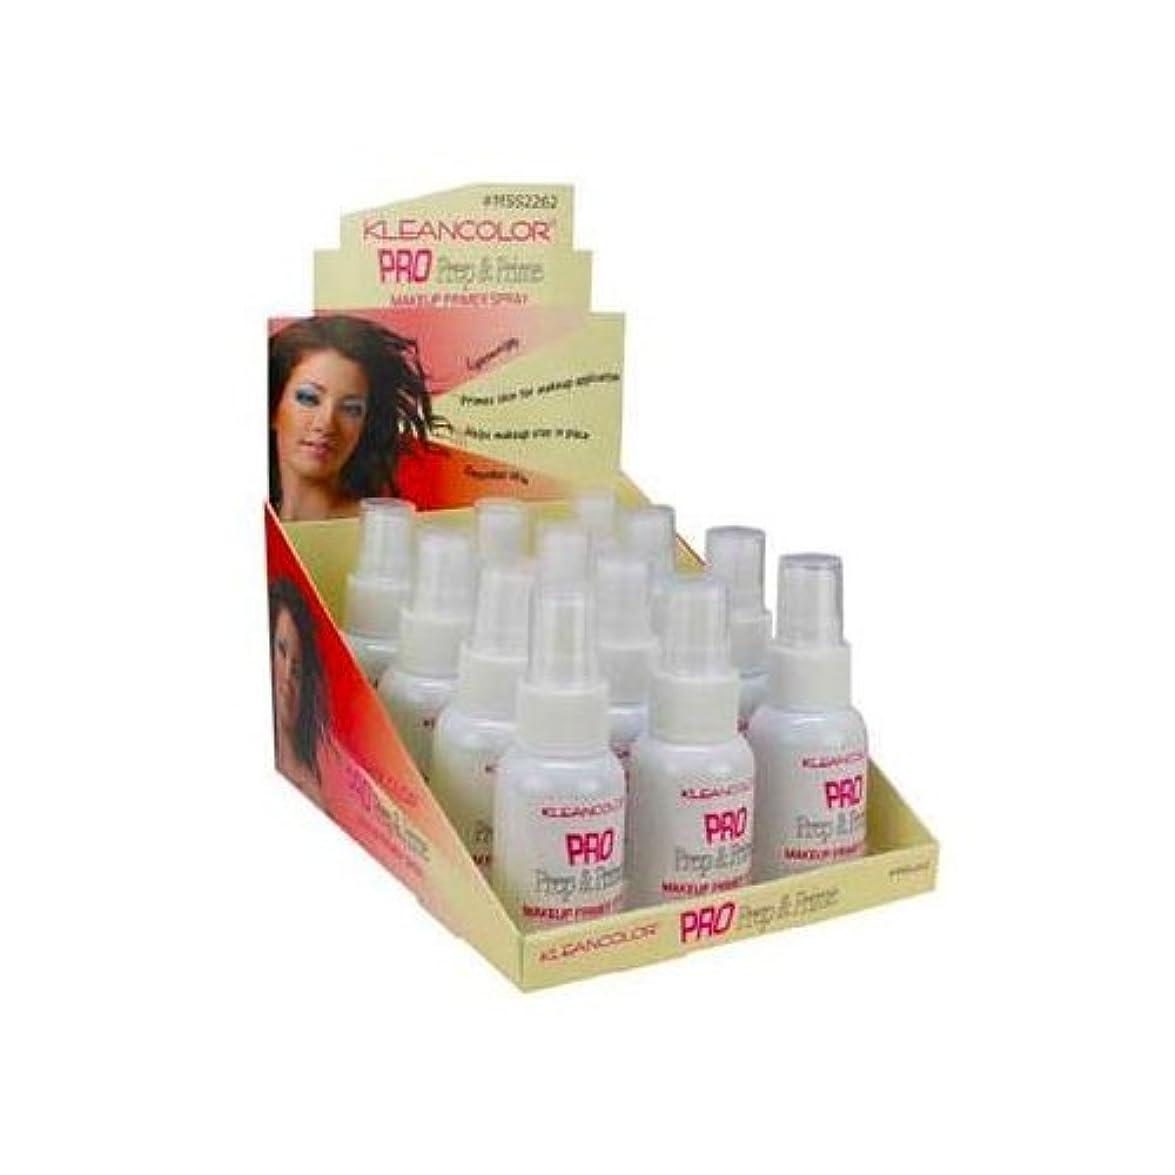 美容師うまくいけばシャワーKLEANCOLOR Pro Prep and Prime - Makeup Primer Spray (並行輸入品)